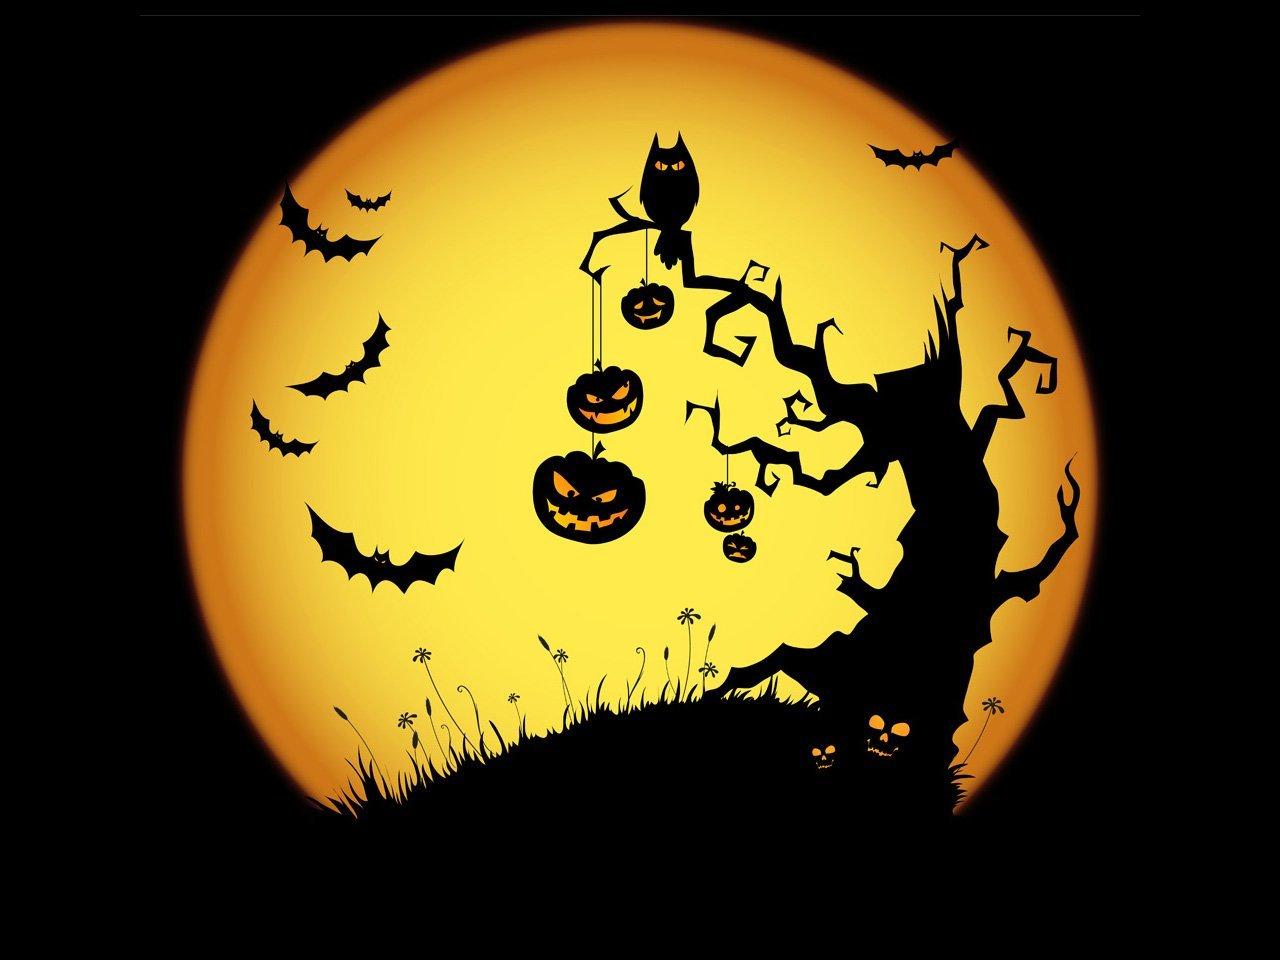 Руководитель Крыма Сергей Аксенов назвал Хэллоуин «бытовым сатанизмом»